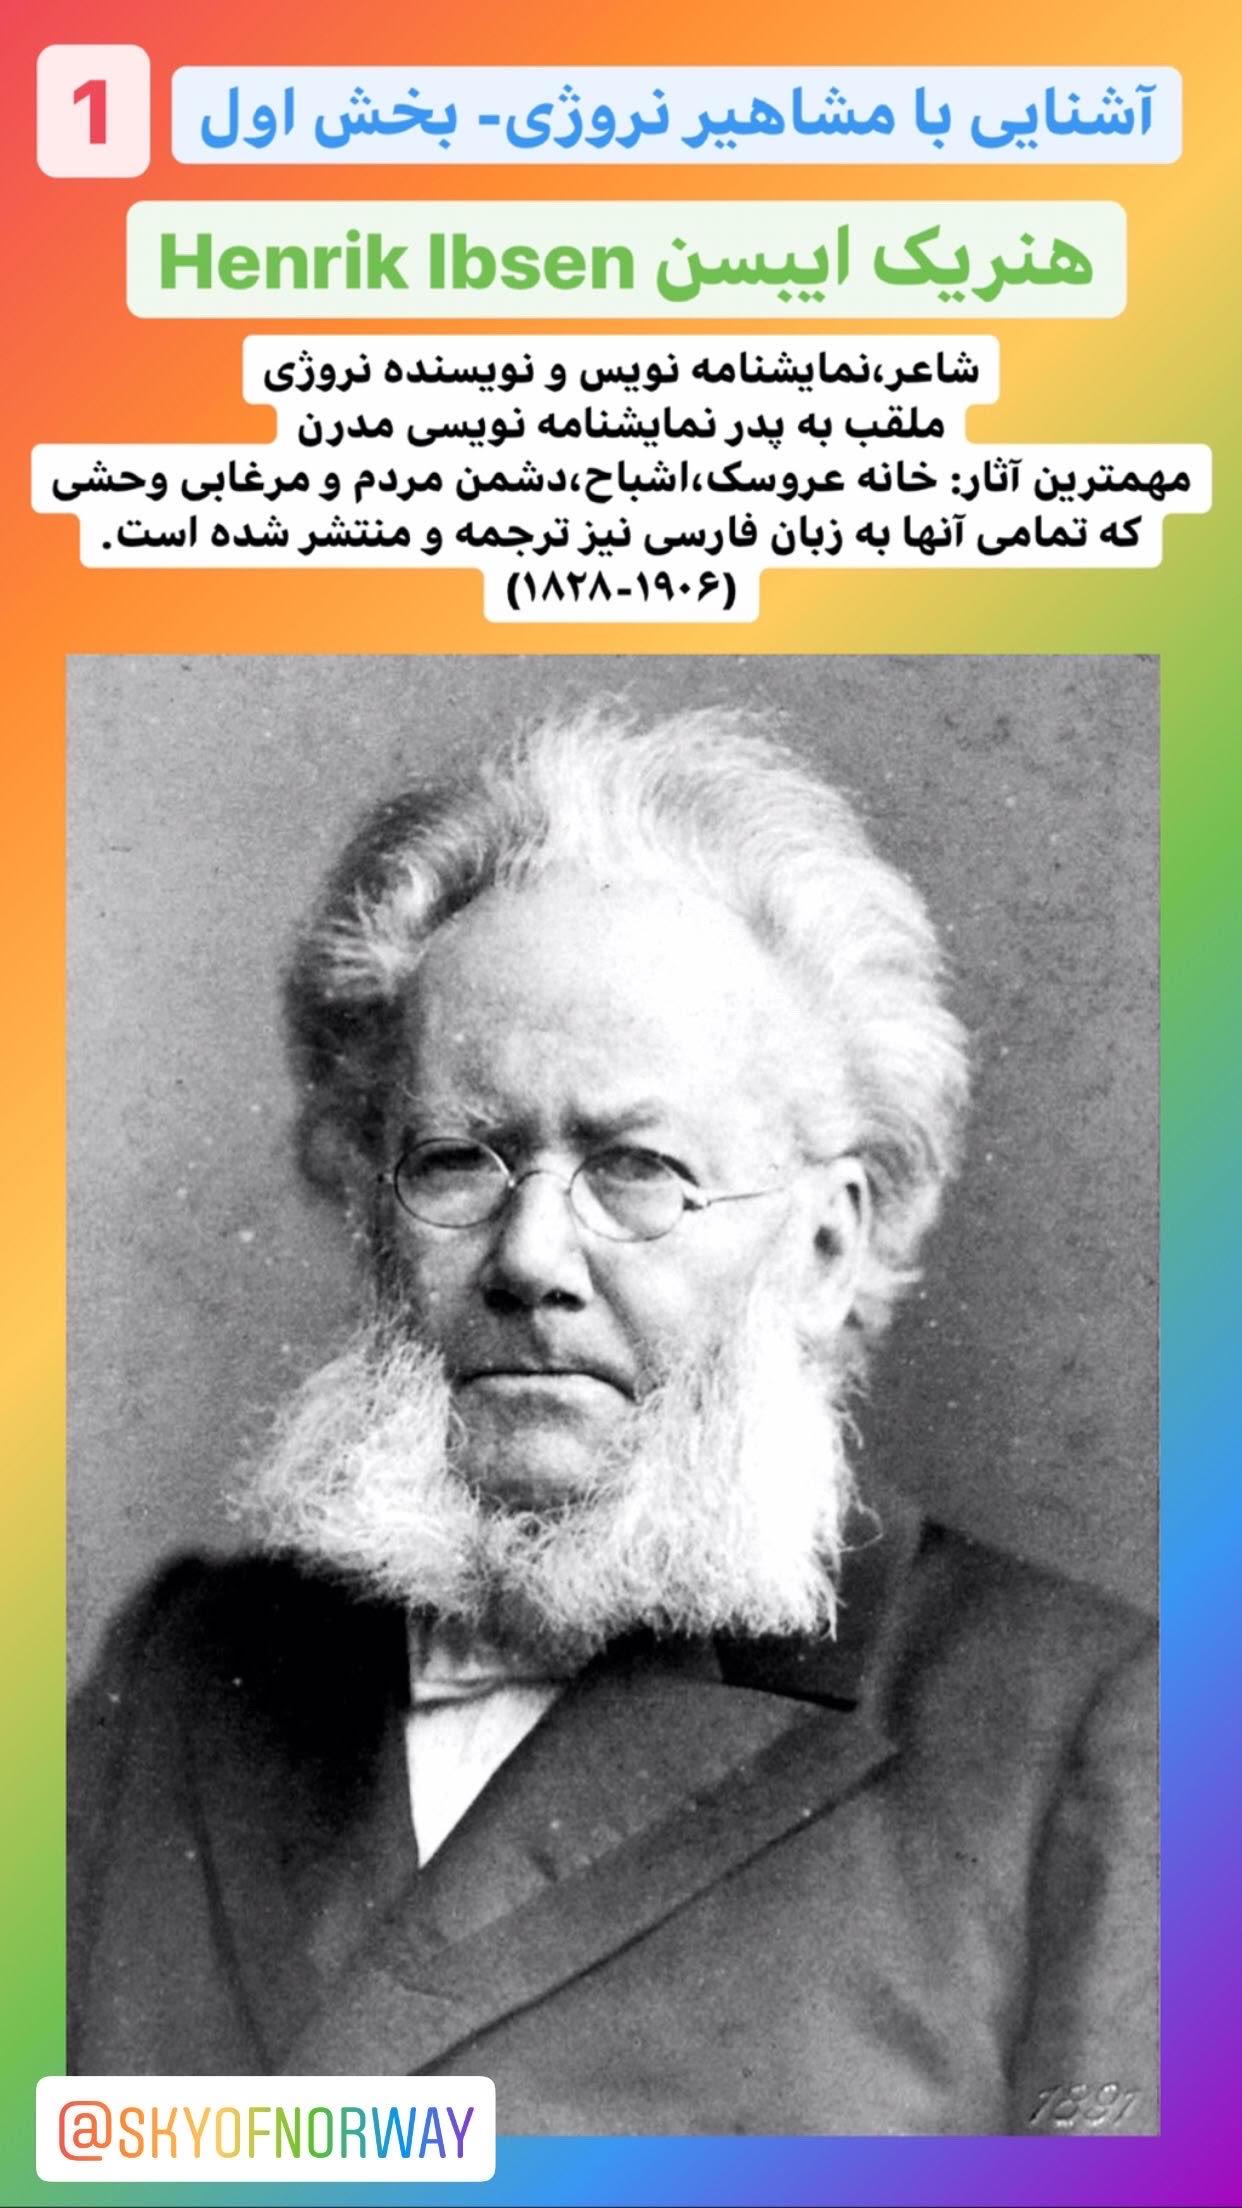 Henrik Ibsen.jpg